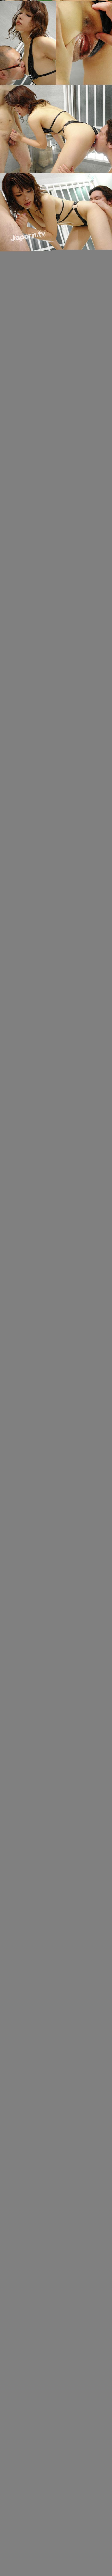 [DRC 015] 究極のS女王様 VS ド変態女肉便器 : 川村れみ 川村れみ DRC